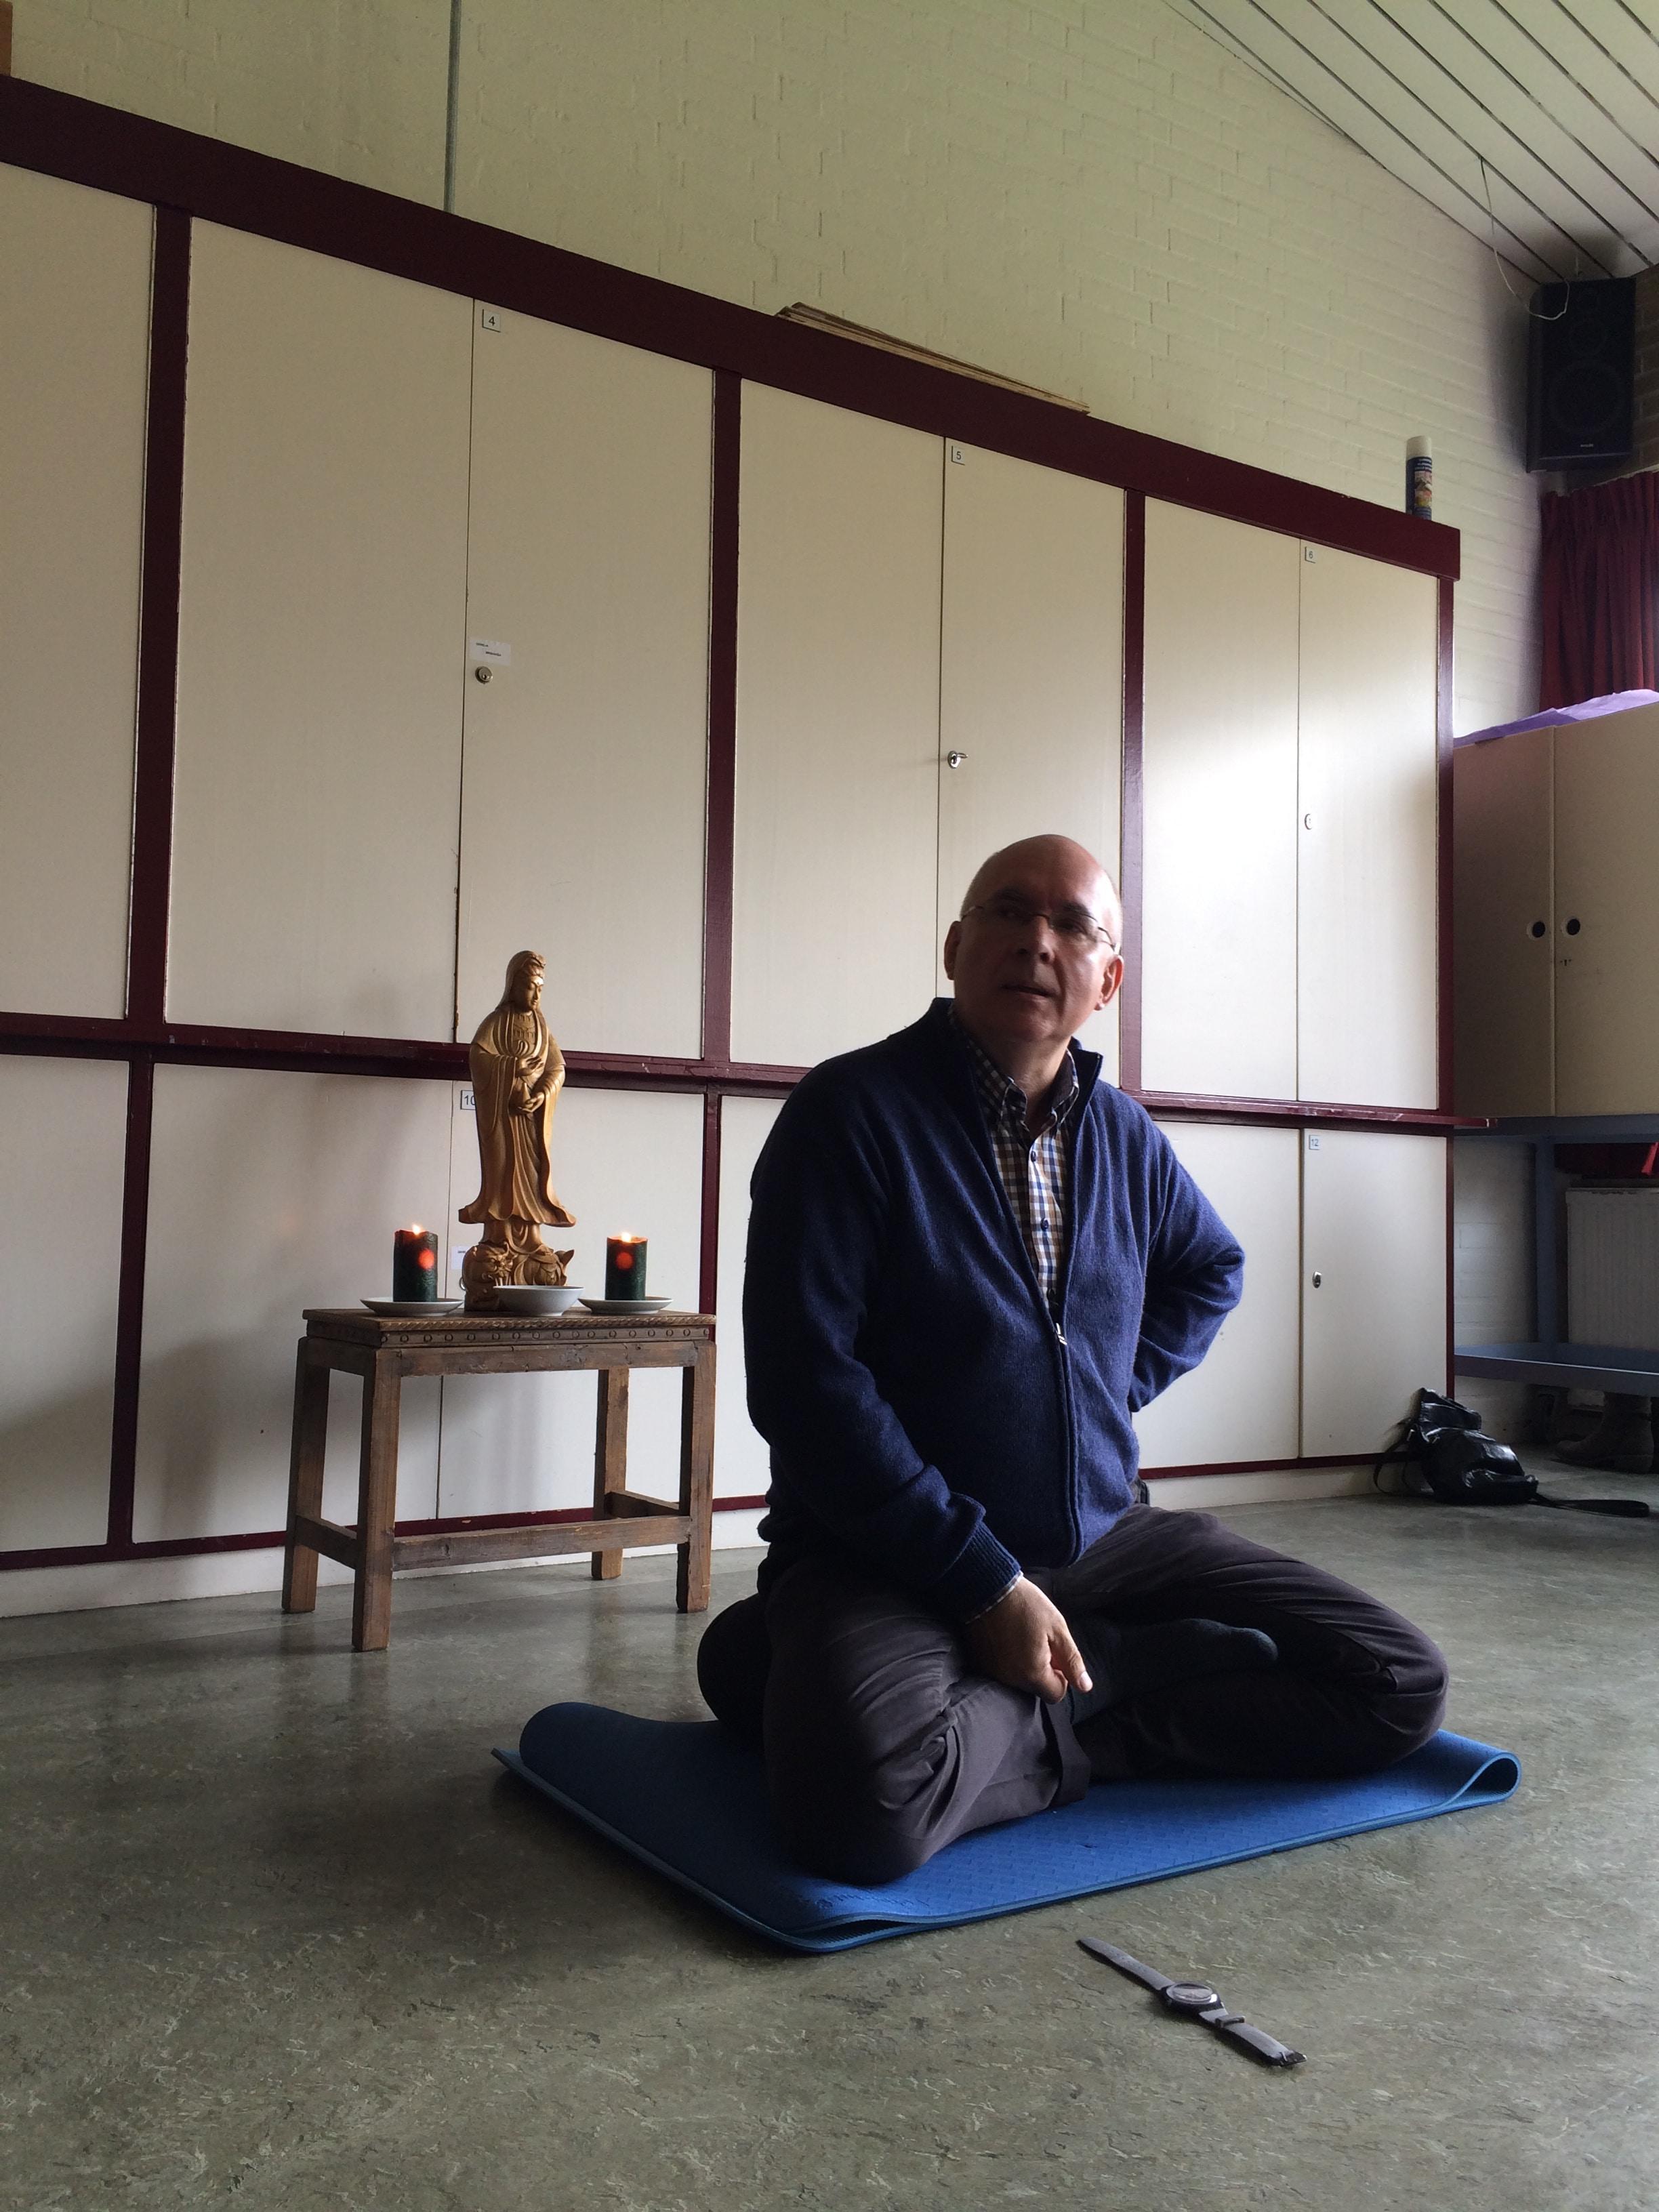 Relax More - Hoe betrouwbaar zijn mindfulnesstrainers, welke zijn hun motieven?